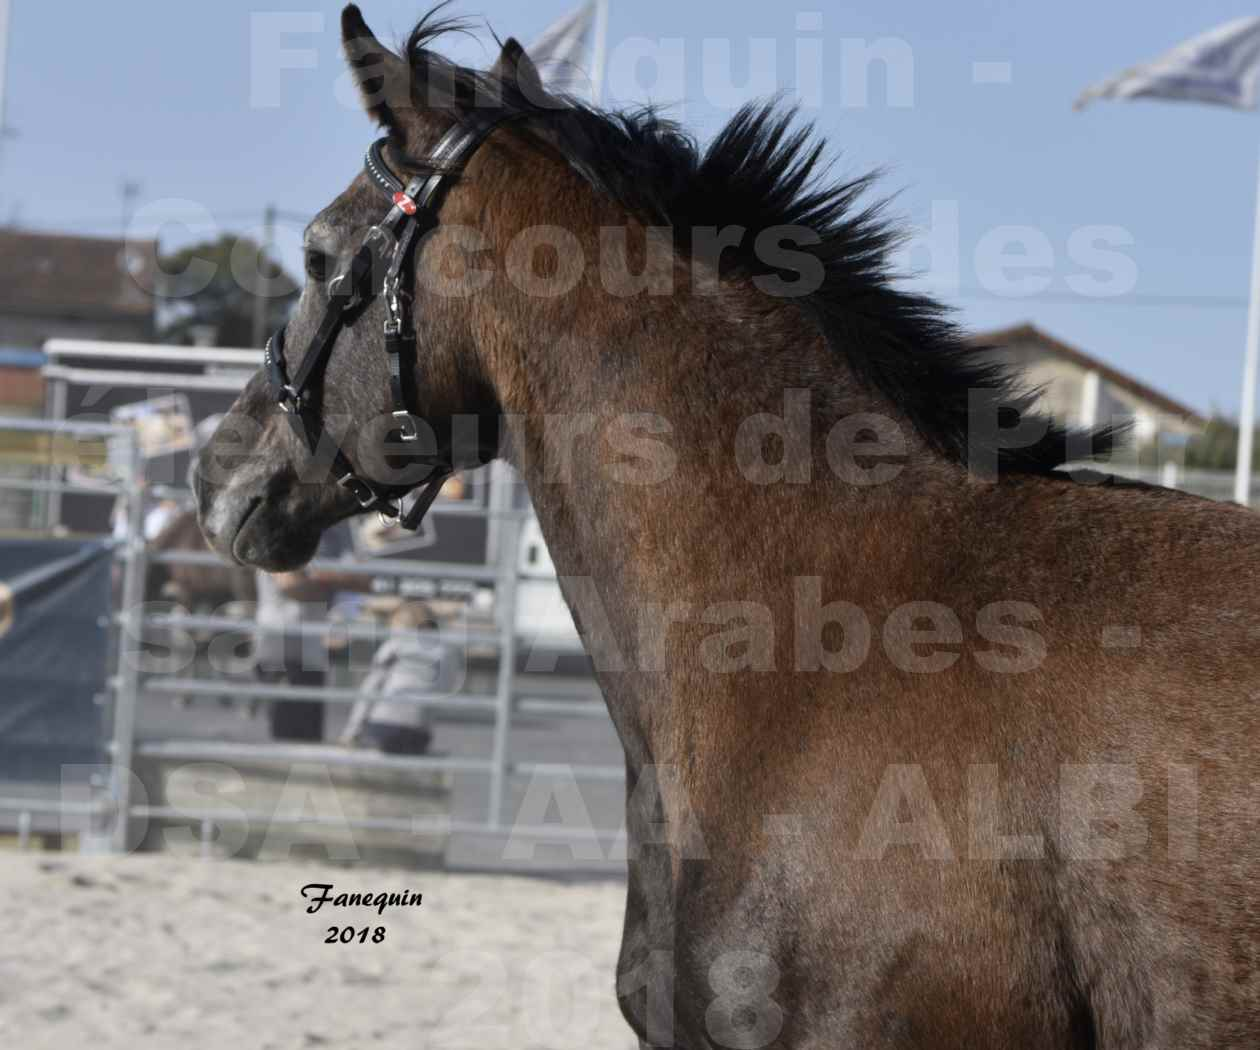 Concours d'élevage de Chevaux Arabes - Demi Sang Arabes - Anglo Arabes - ALBI les 6 & 7 Avril 2018 - GOUMRI DE L'AIGOUAL - Notre Sélection Portraits - 1